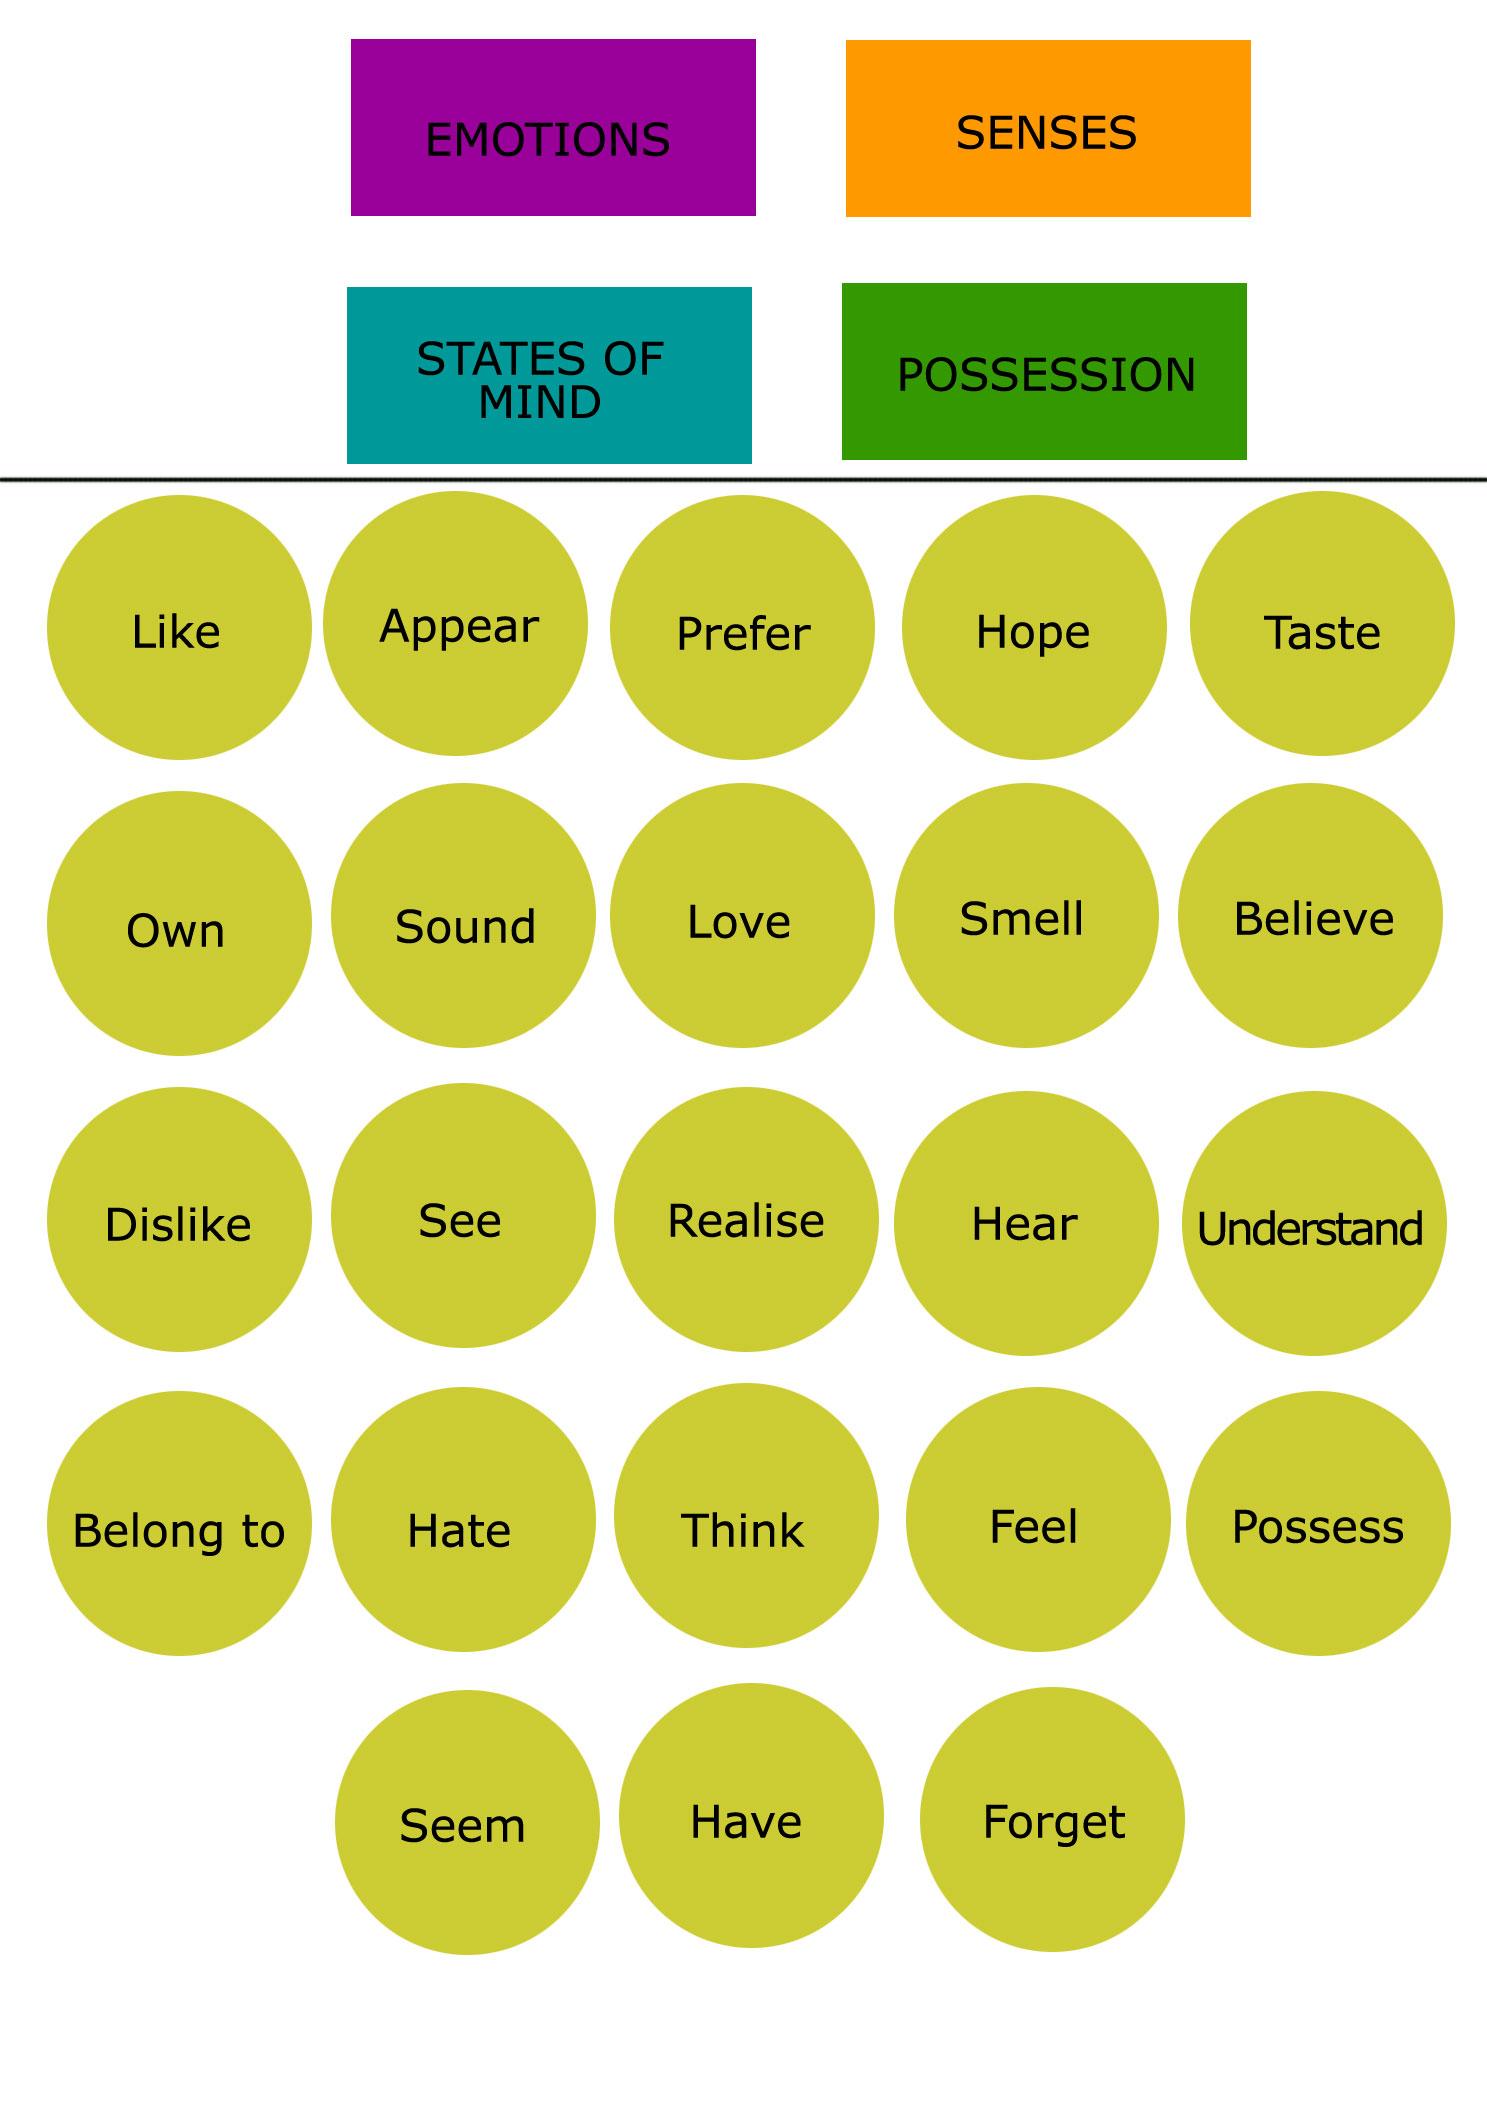 stative verb, belajar bahasa inggris, belajar stative verb, kursus bahasa inggris privat denpasar